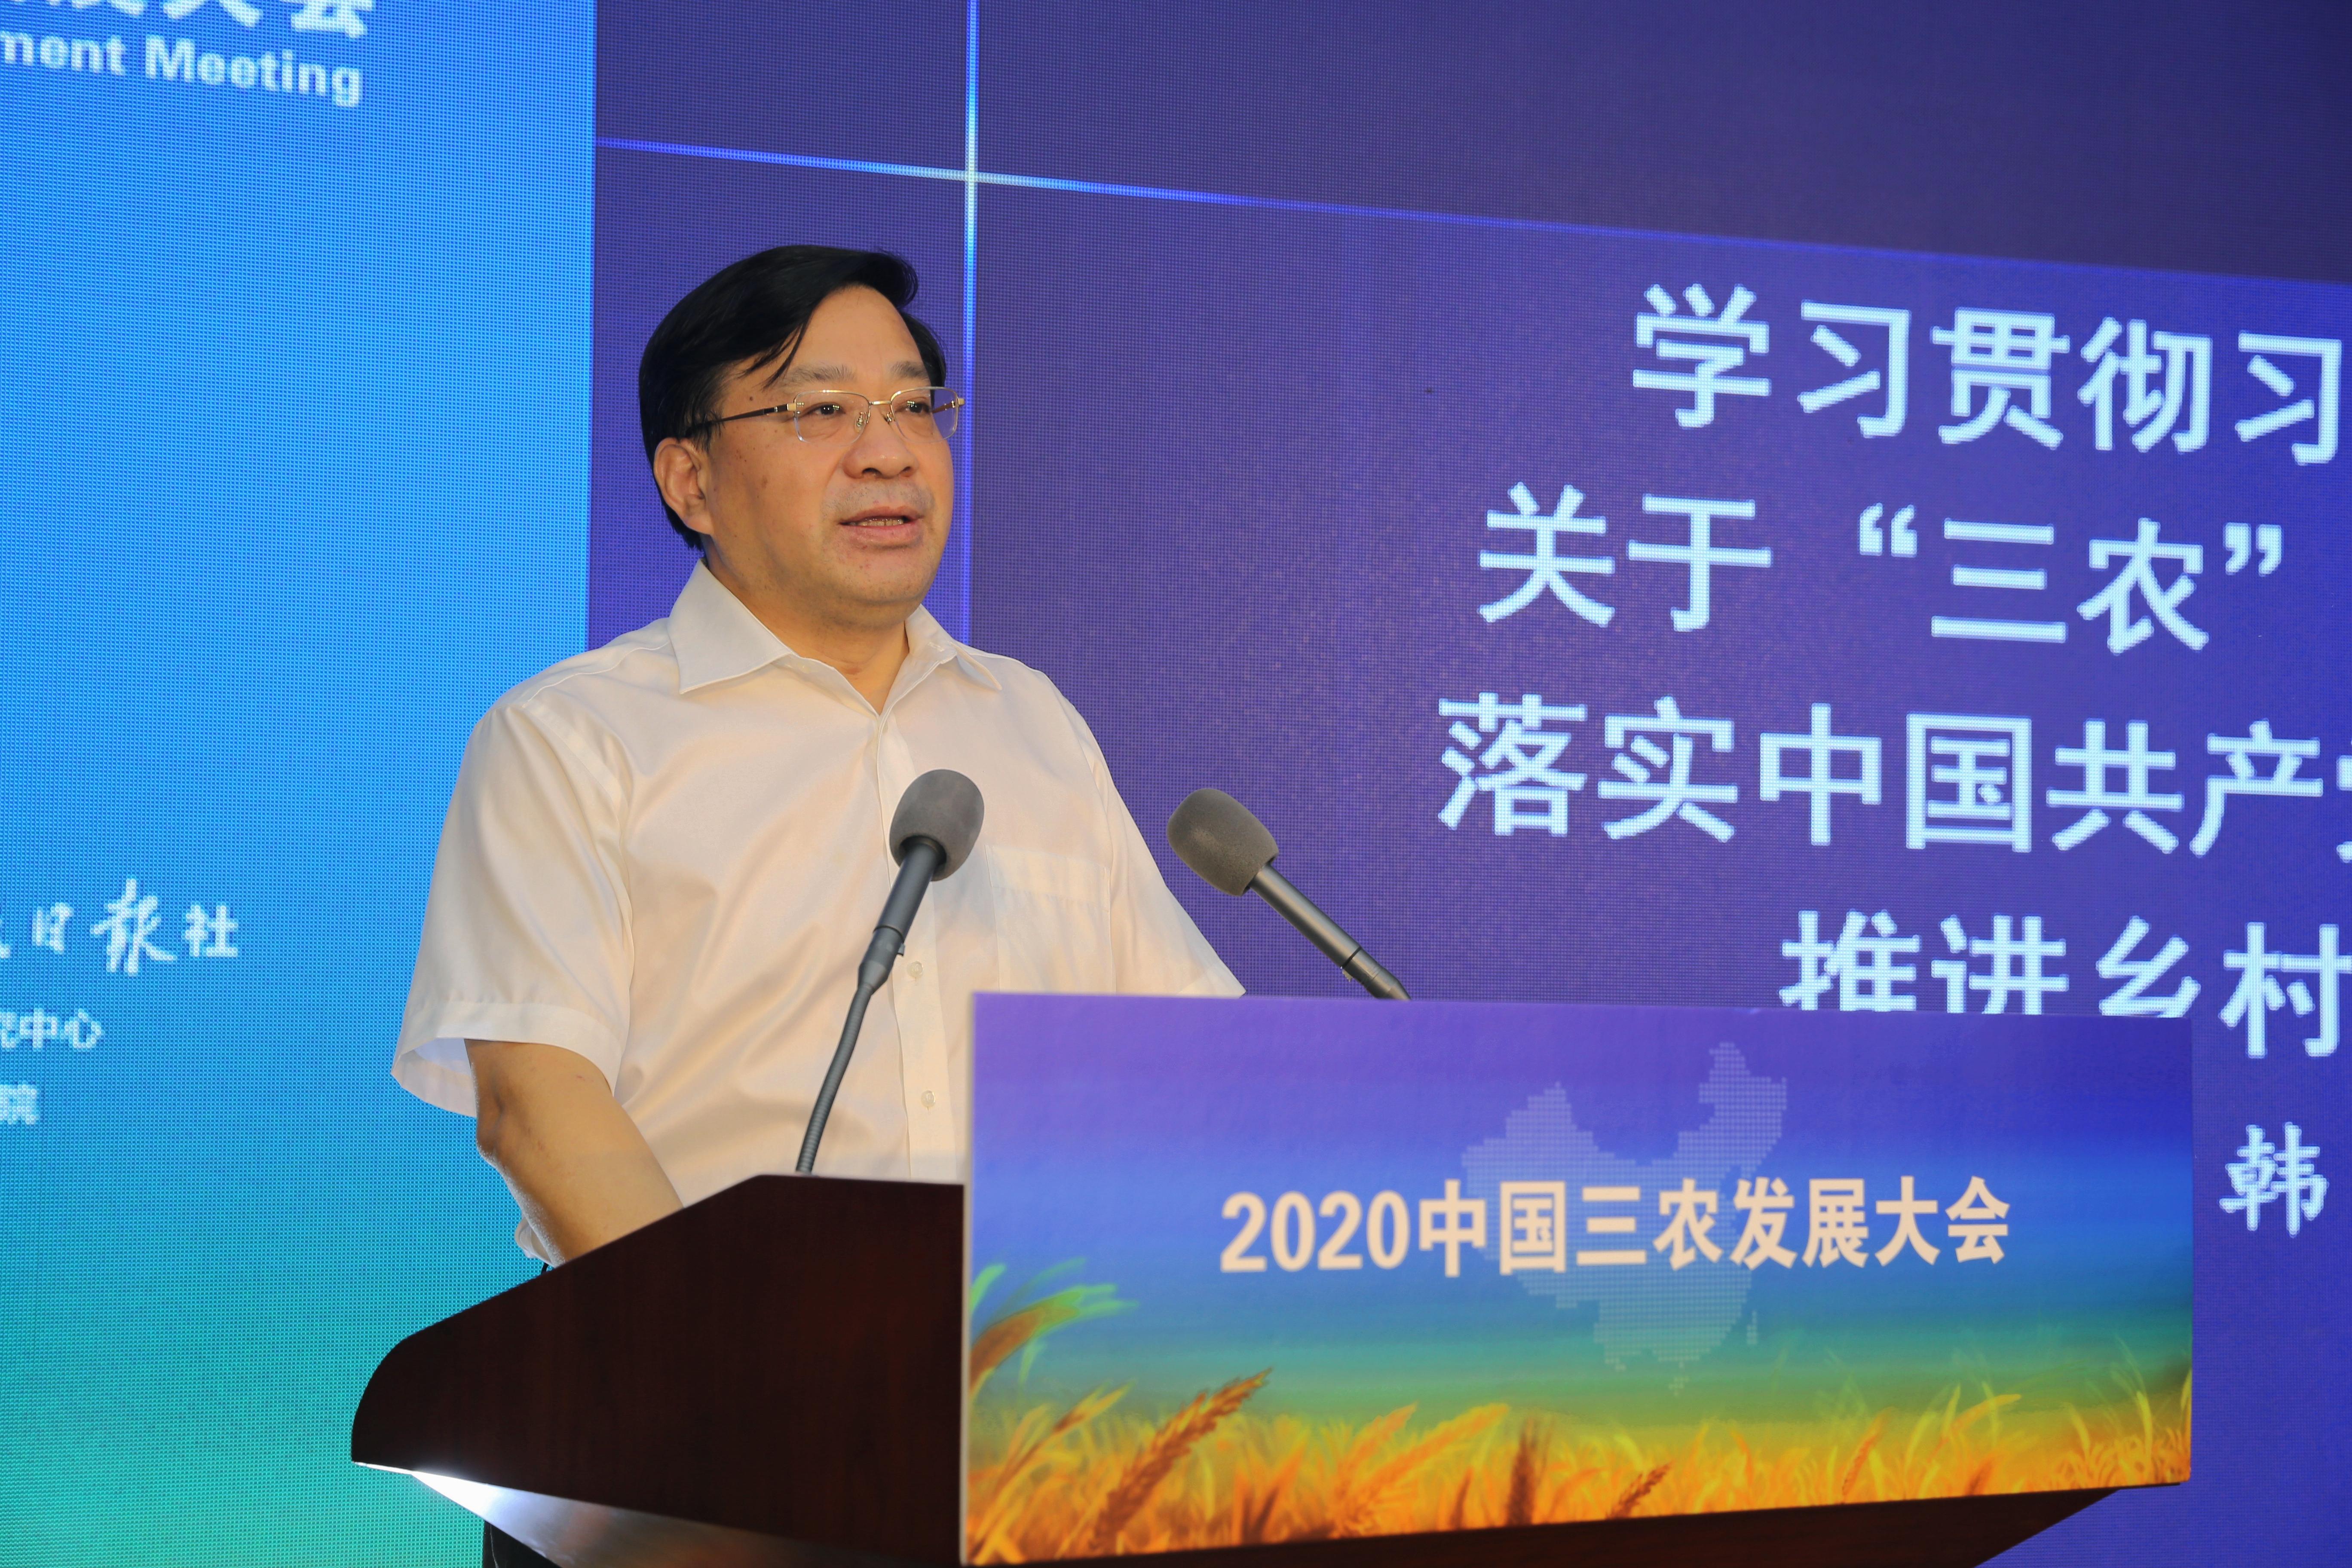 中央农办副主任、农业农村部党组副书记、副部长韩俊解读《中国共产党农村工作条例》